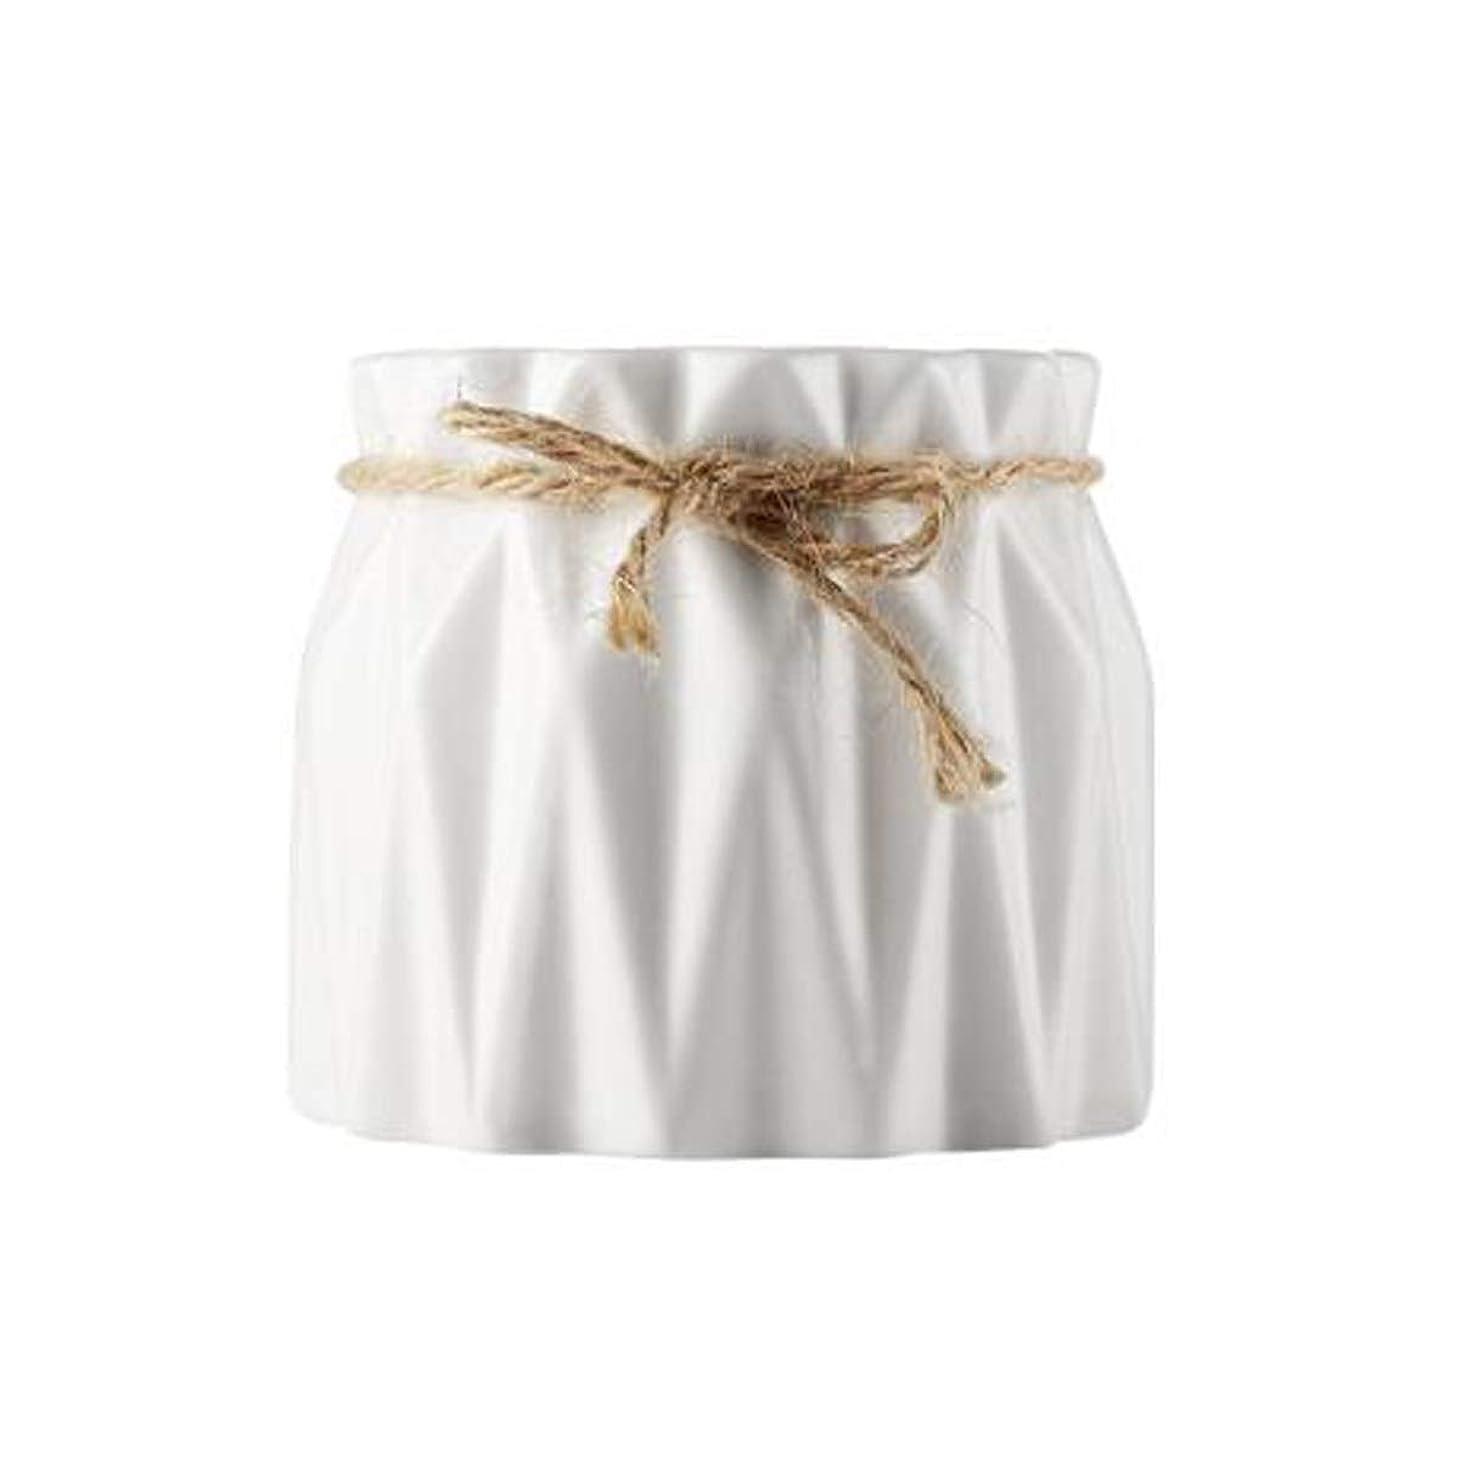 狐クリケットヒップSLY 花瓶、セラミック花瓶、シンプルパストラルアート、現代のホームデコレーション、花、繊細なラウンド口へ (Color : White)